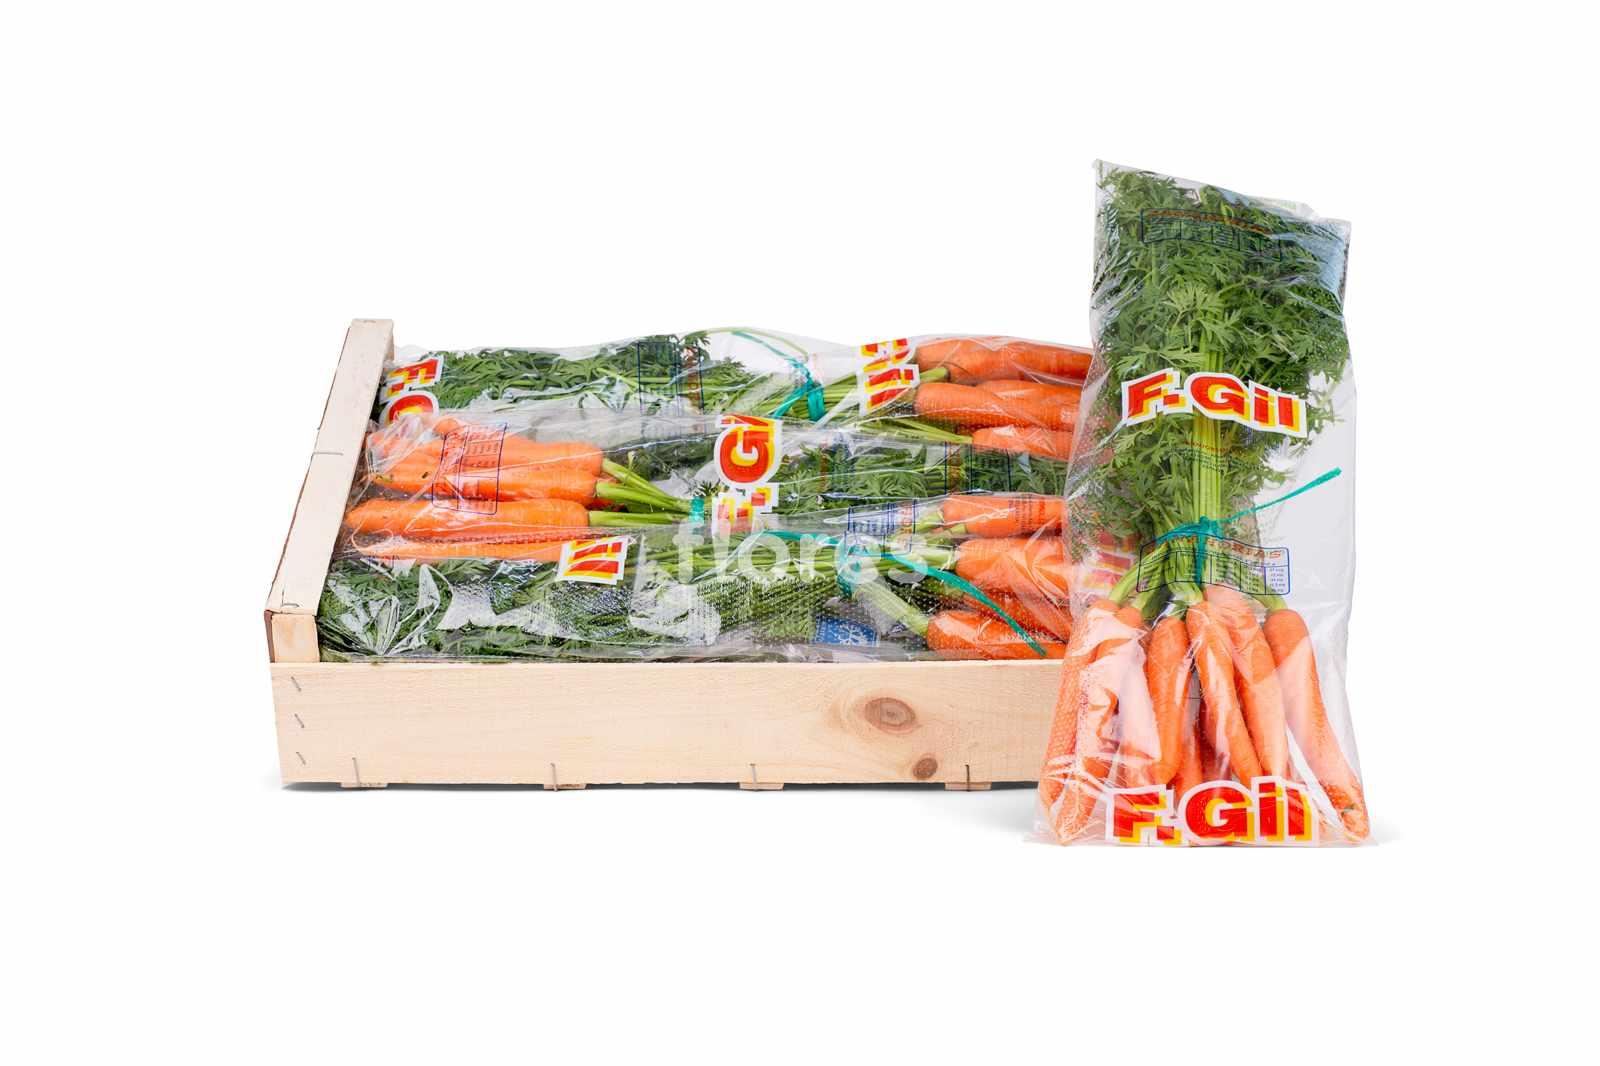 Mayorista de verduras y hortalizas - Venta el por Mayor en Mercabarna